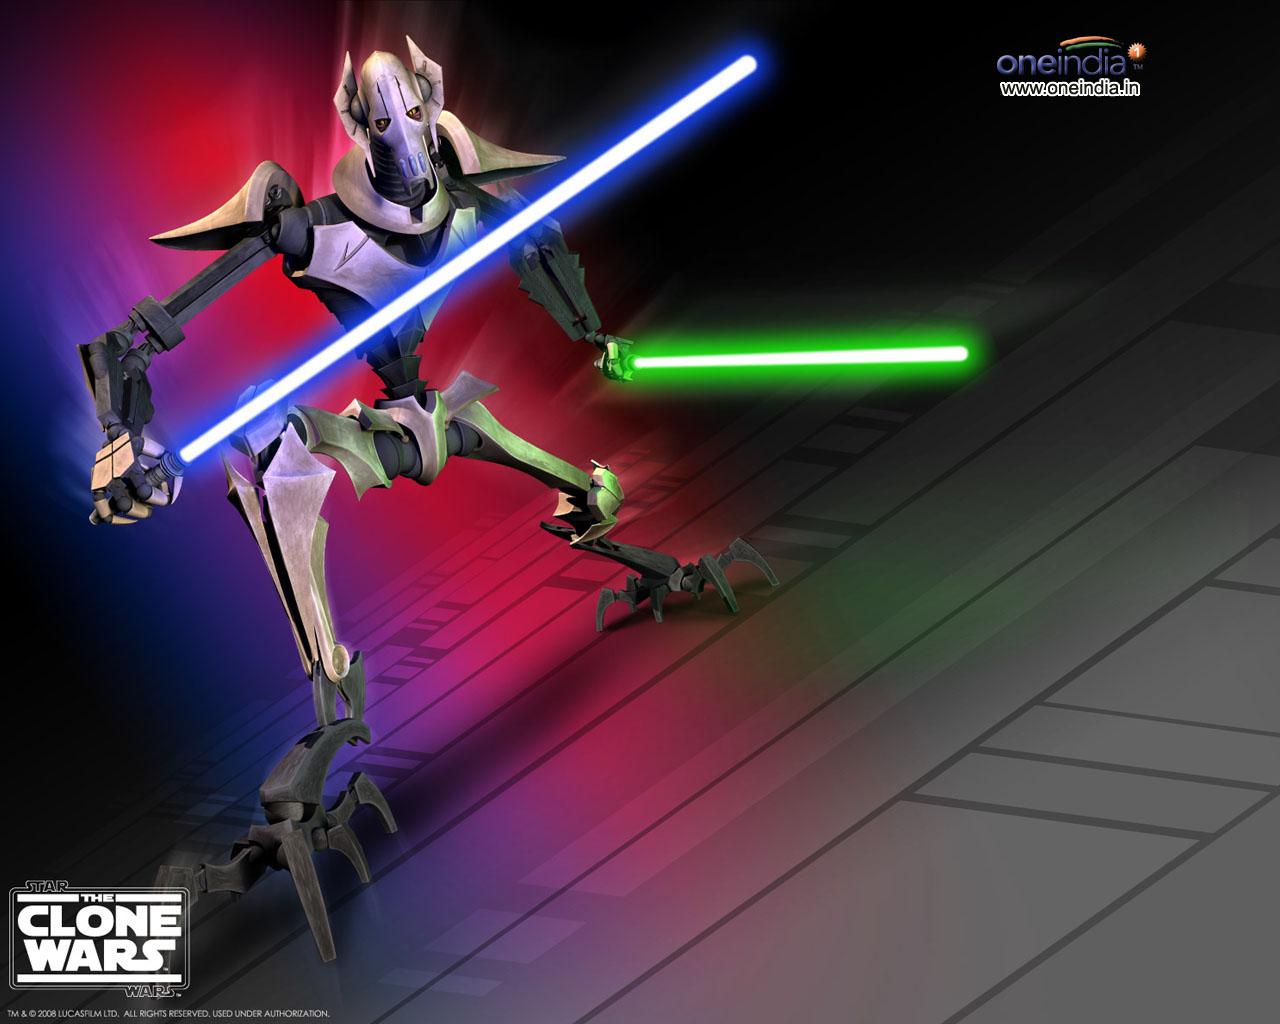 STAR WAR WALLPAPER Star Wars The Clone Wars Wallpaper 1280x1024